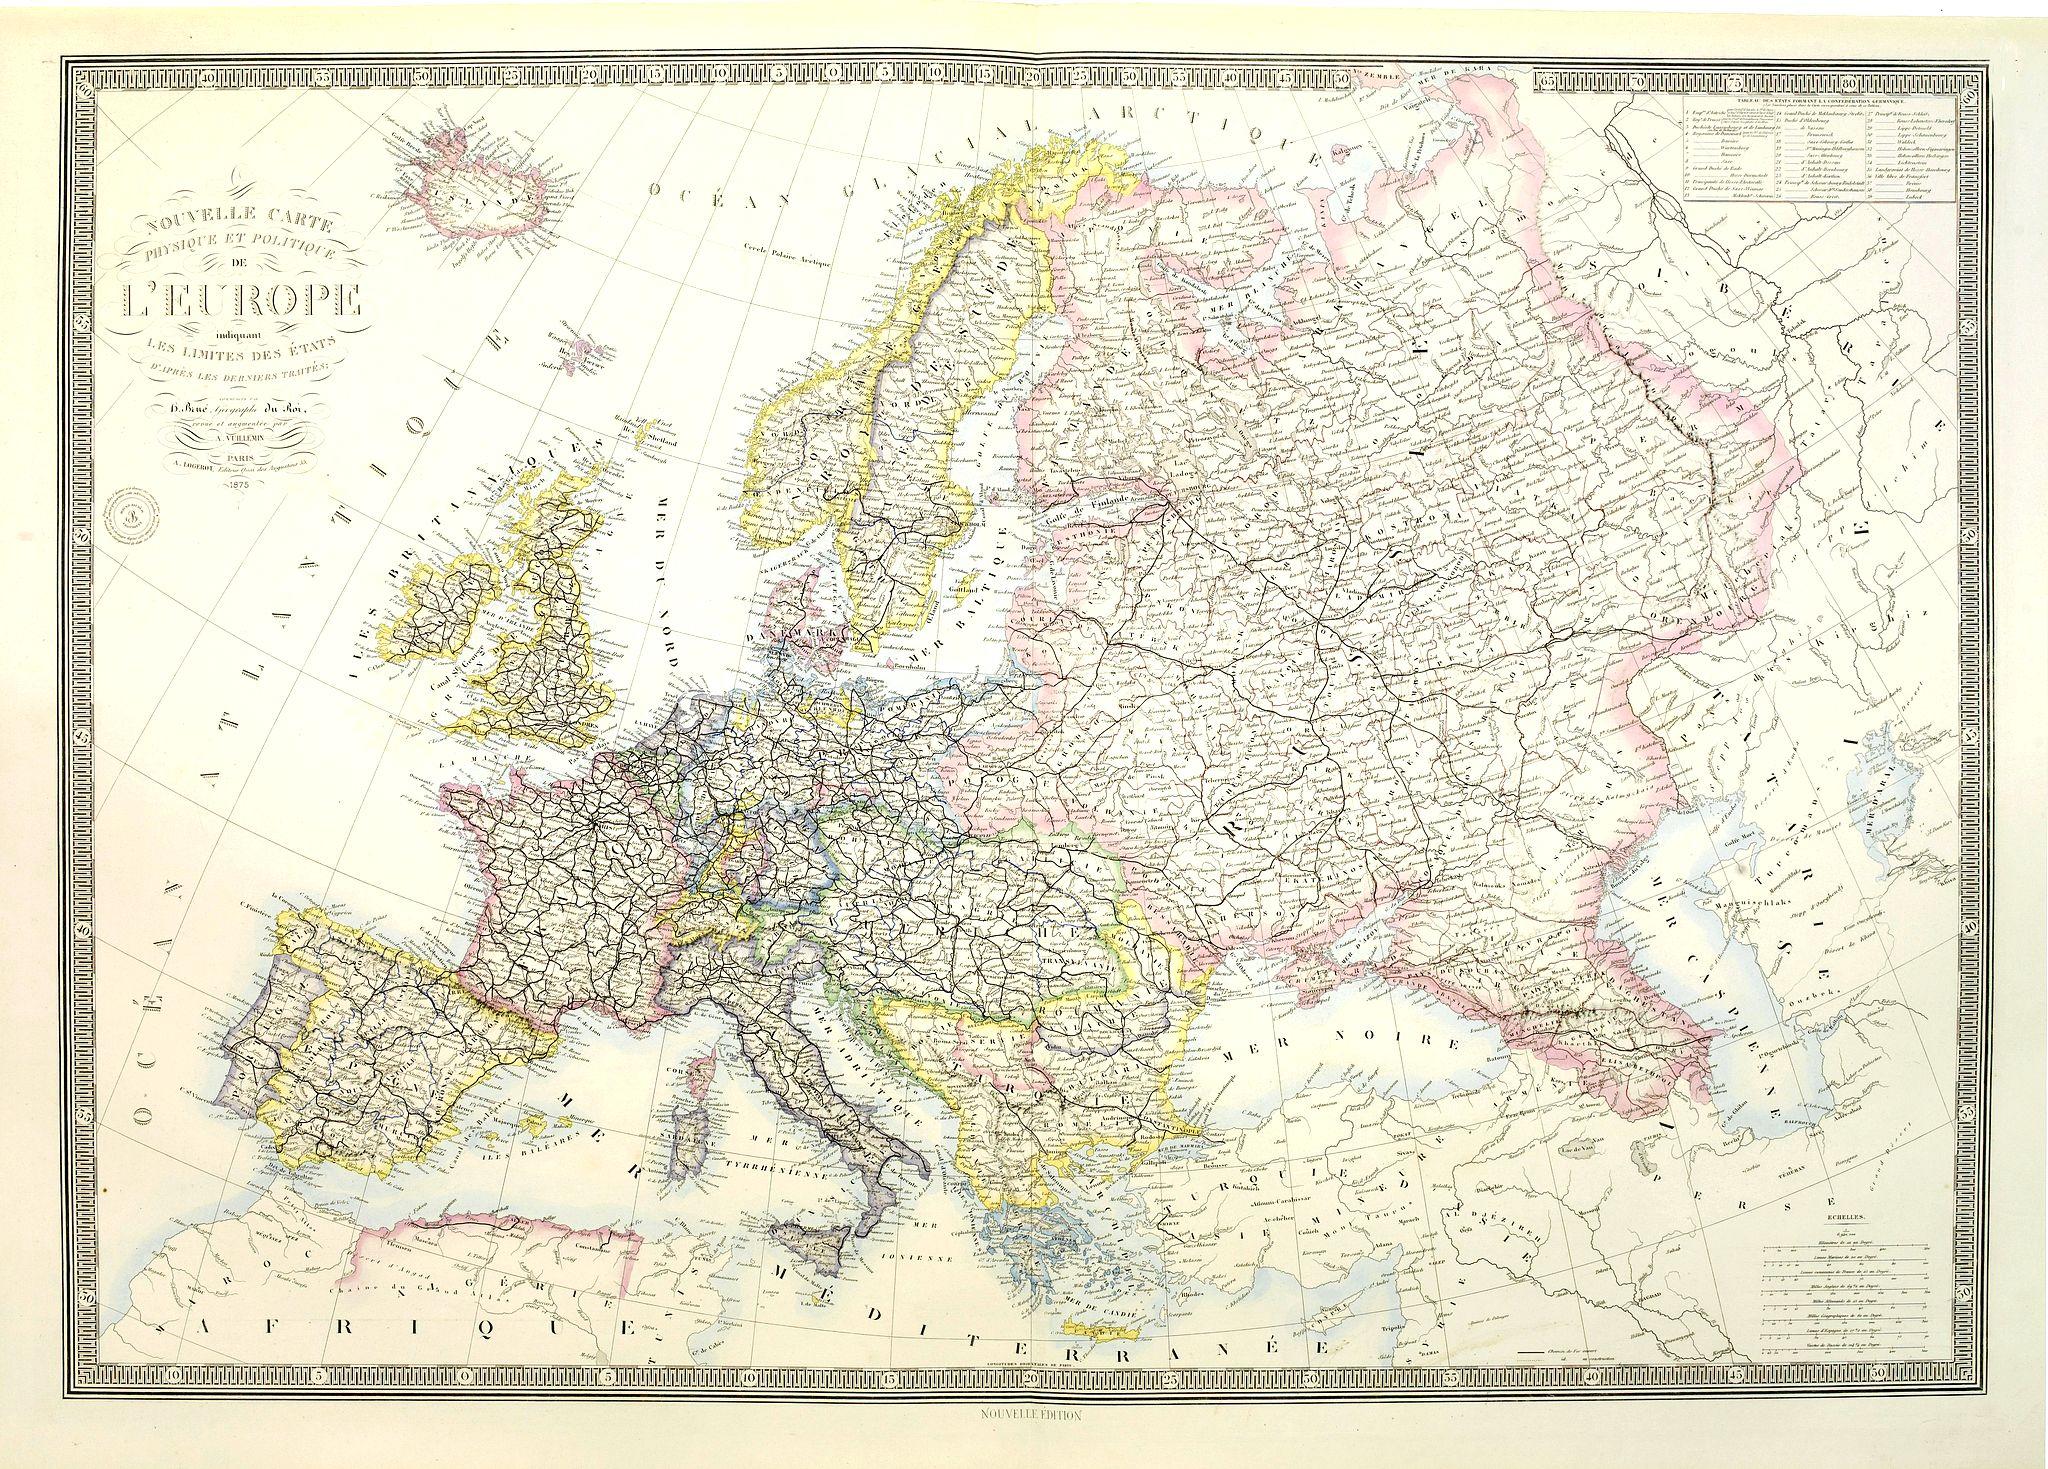 LOGEROT, A. -  Nouvelle carte physique et politique de l'Europe. Les limites d'états.